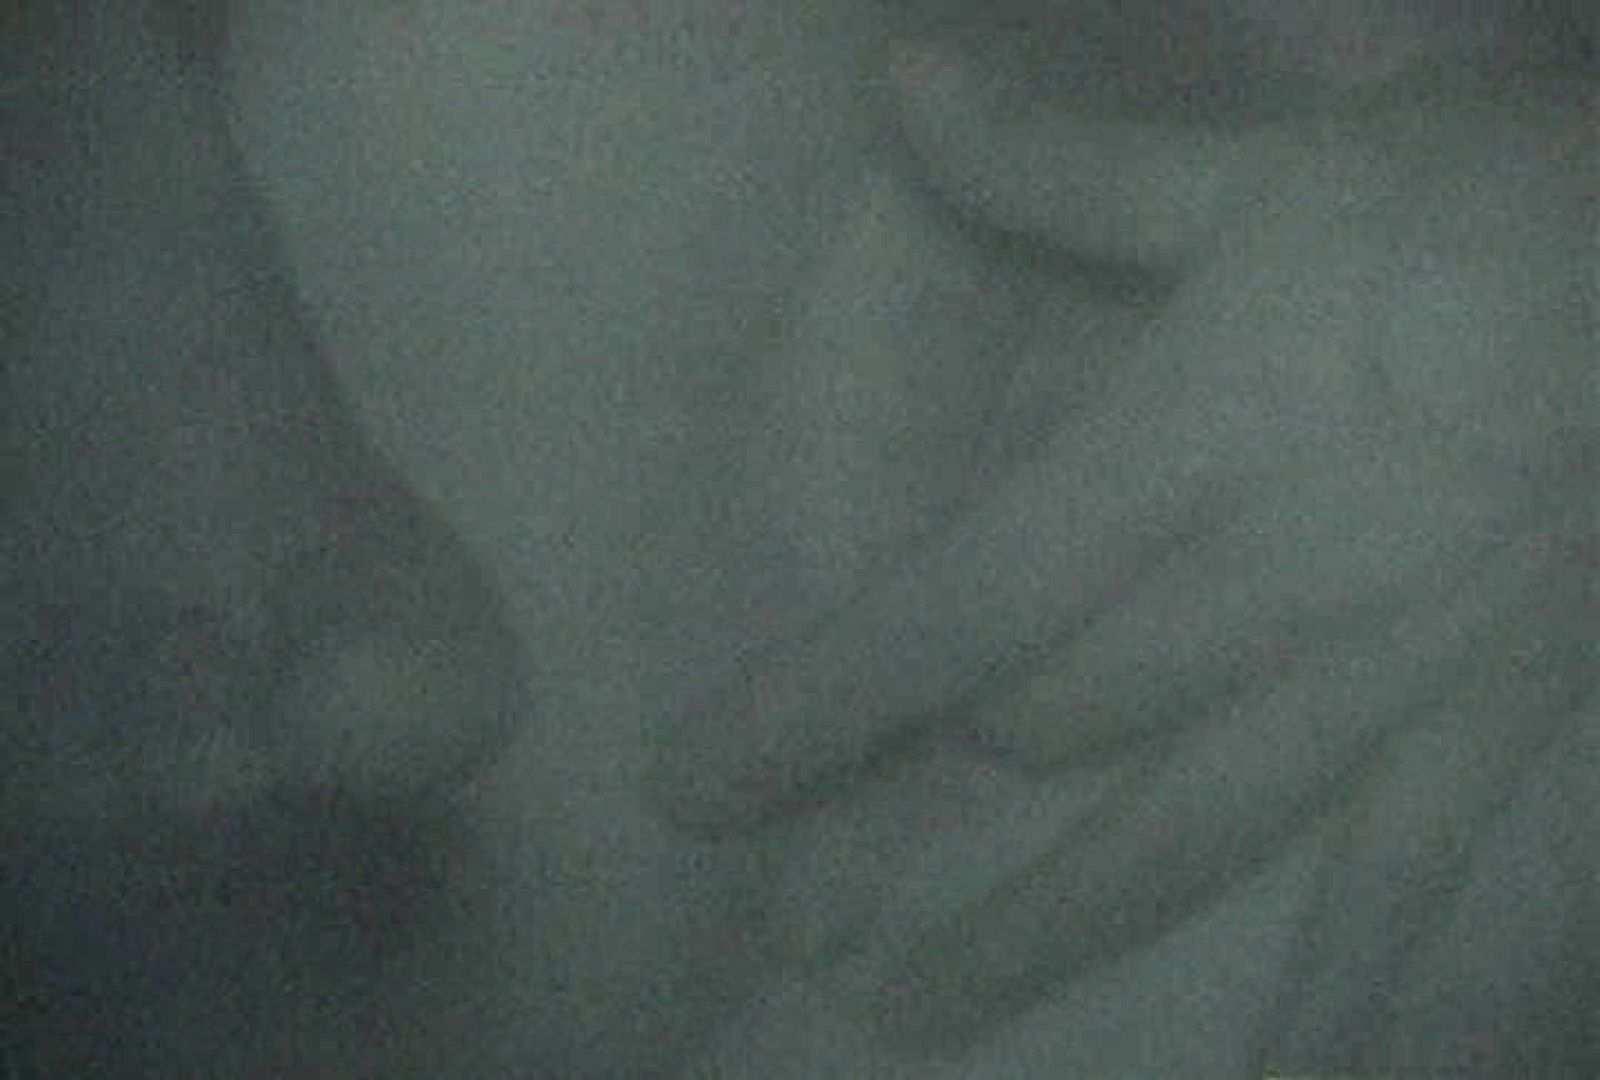 充血監督の深夜の運動会Vol.47 エロティックなOL アダルト動画キャプチャ 66画像 8